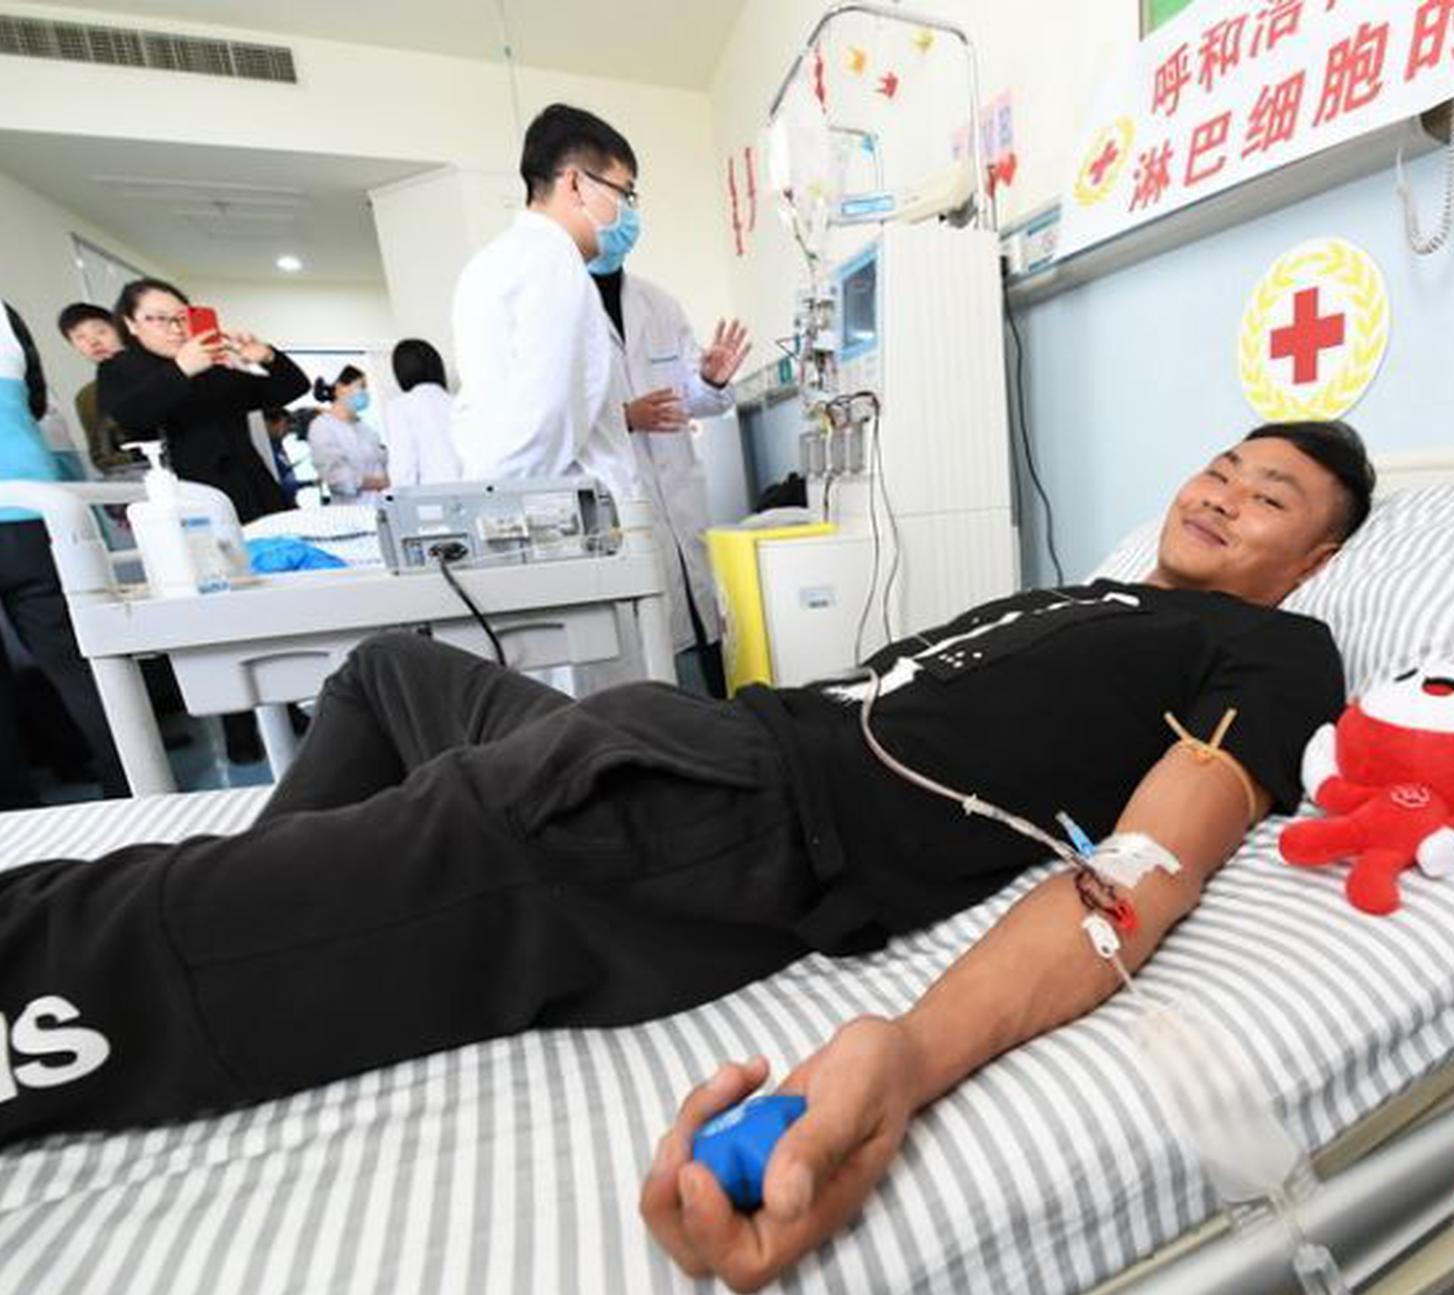 捐献淋巴细胞